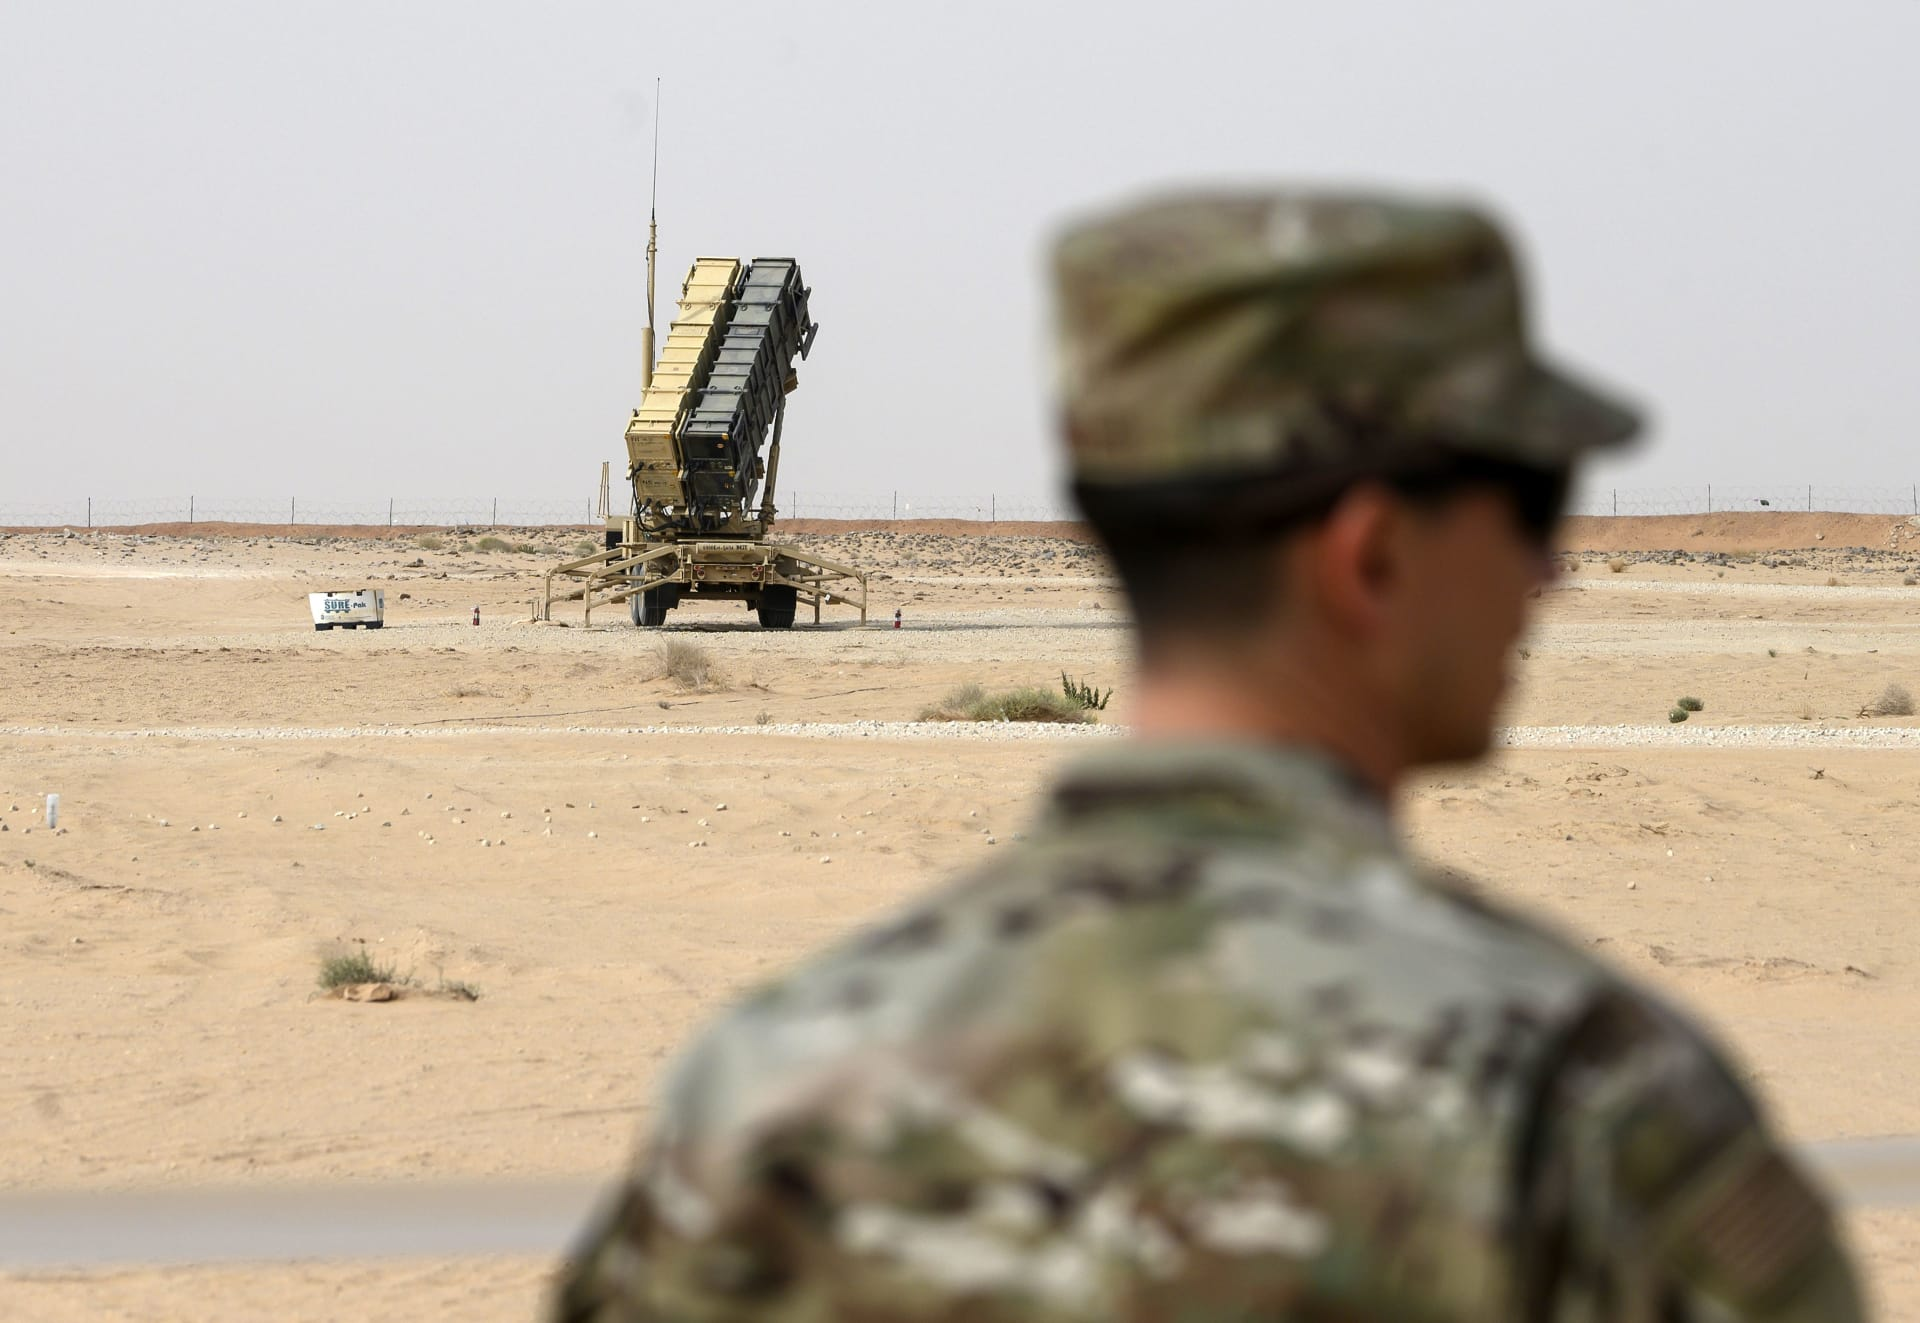 أحد أفراد القوات الجوية الأمريكية قرب بطارية صواريخ باتريوت في قاعدة الأمير سلطان الجوية وسط السعودية - 20 فبراير 2020